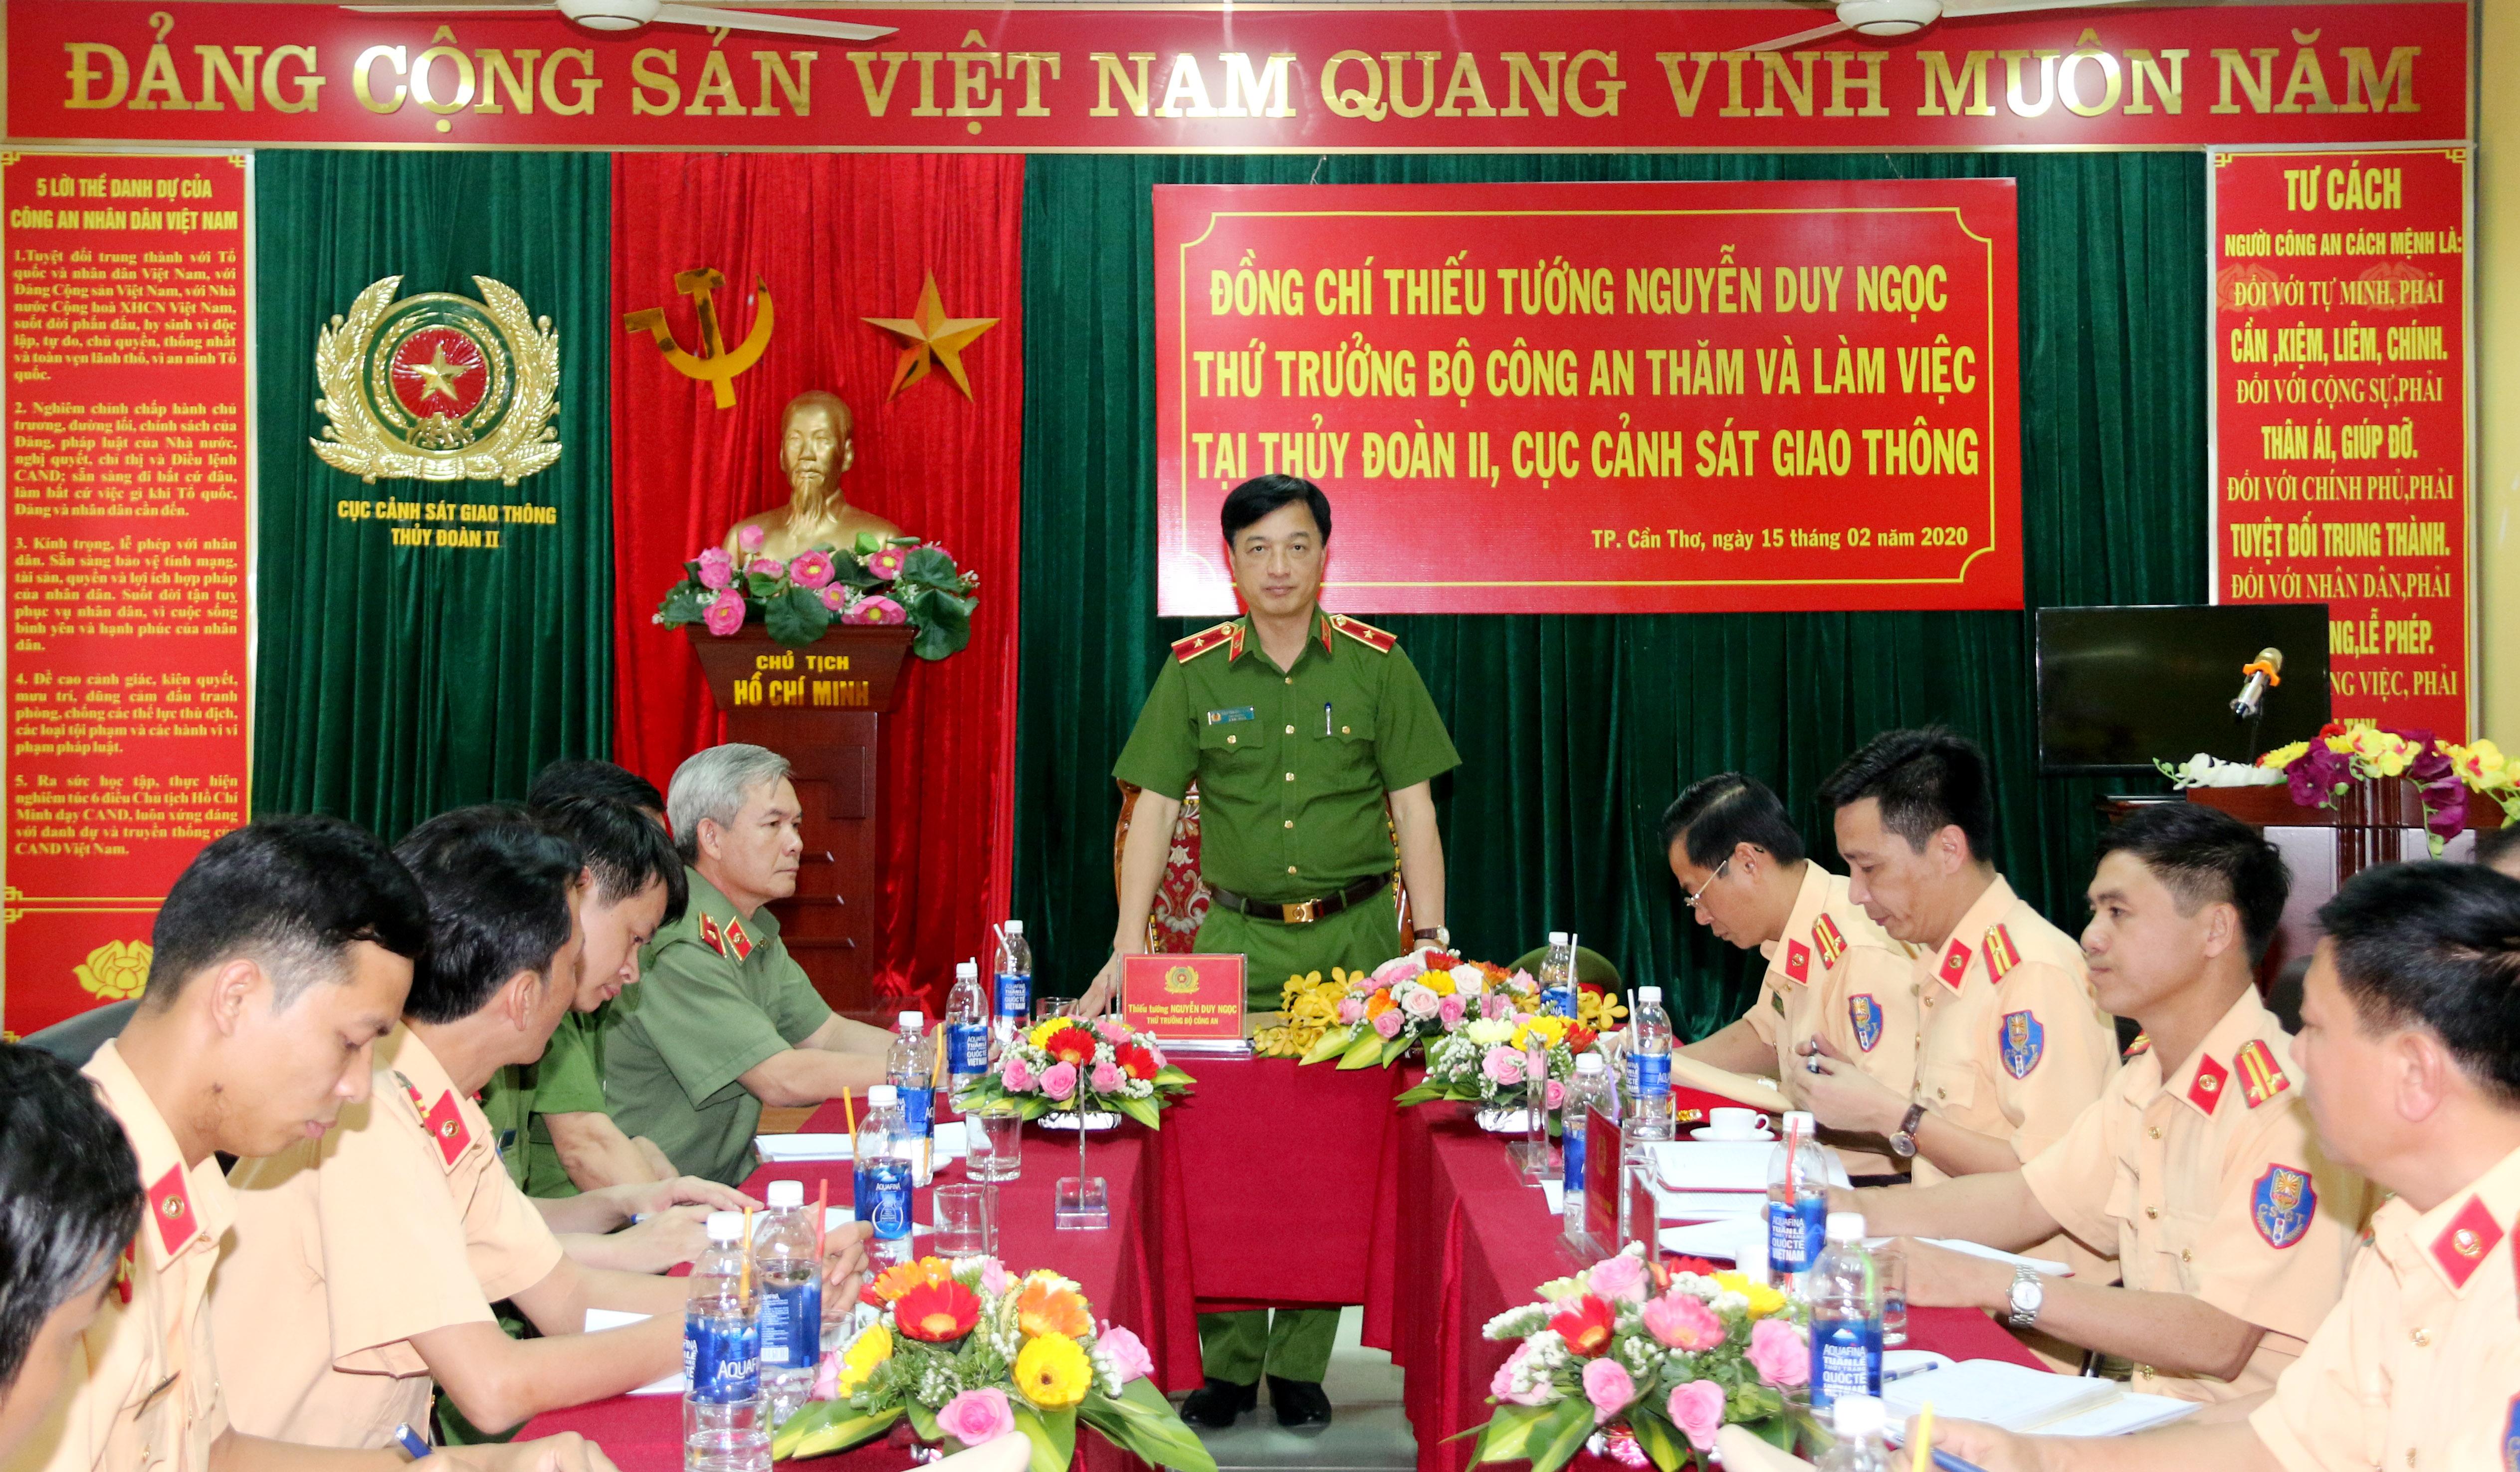 Thứ trưởng Nguyễn Duy Ngọc làm việc với Thủy đoàn II Cục CSGT và Trung đoàn CSCĐ Tây Nam Bộ